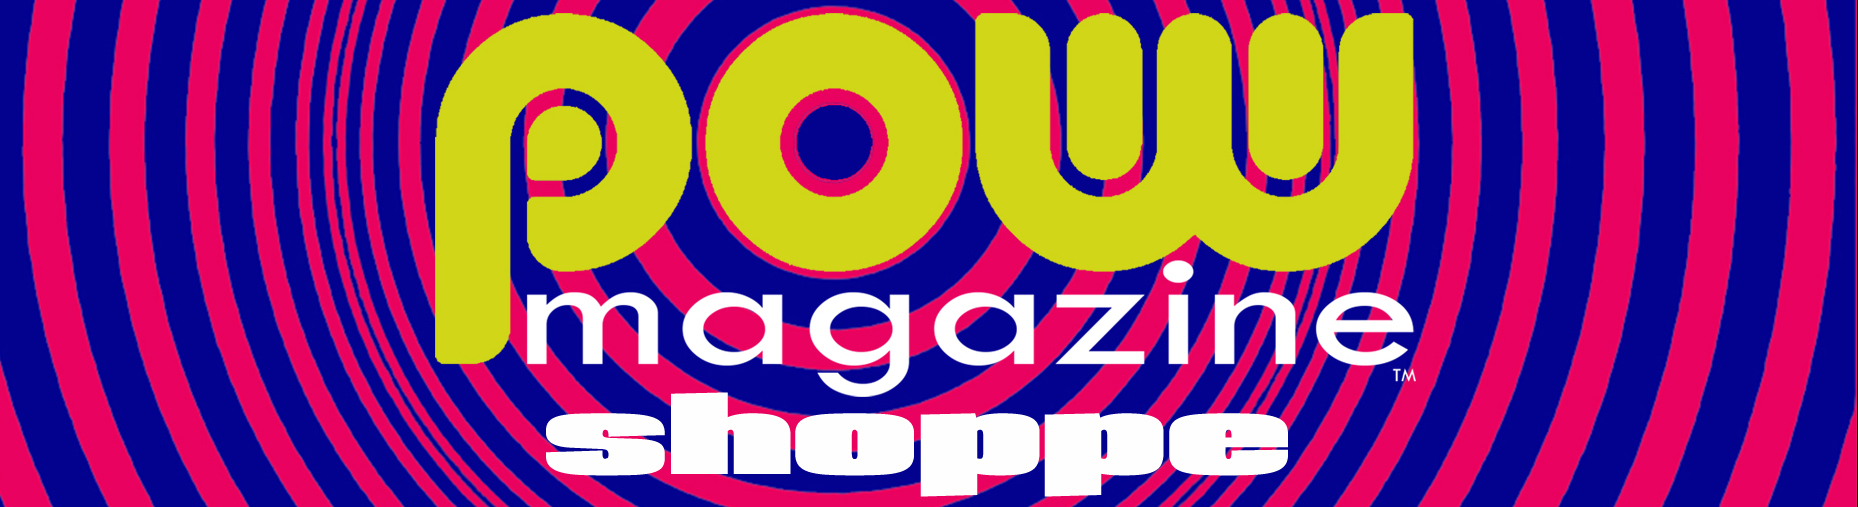 Pow Magazine Shoppe Logo